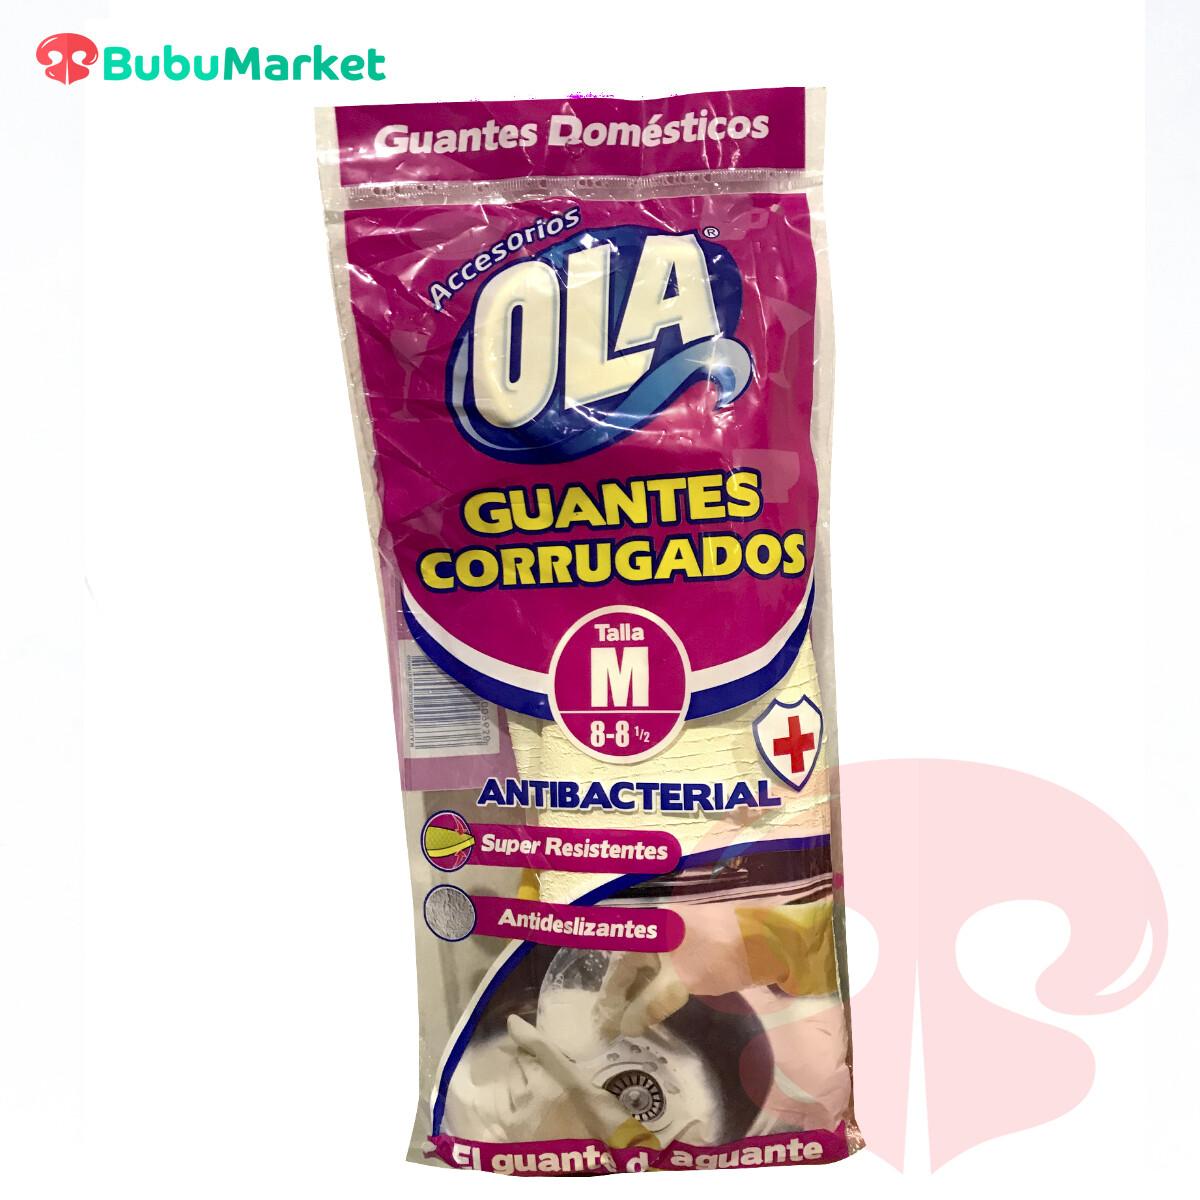 GUANTES CORRUGADOS OLA TALLA M (8-8y1/2)